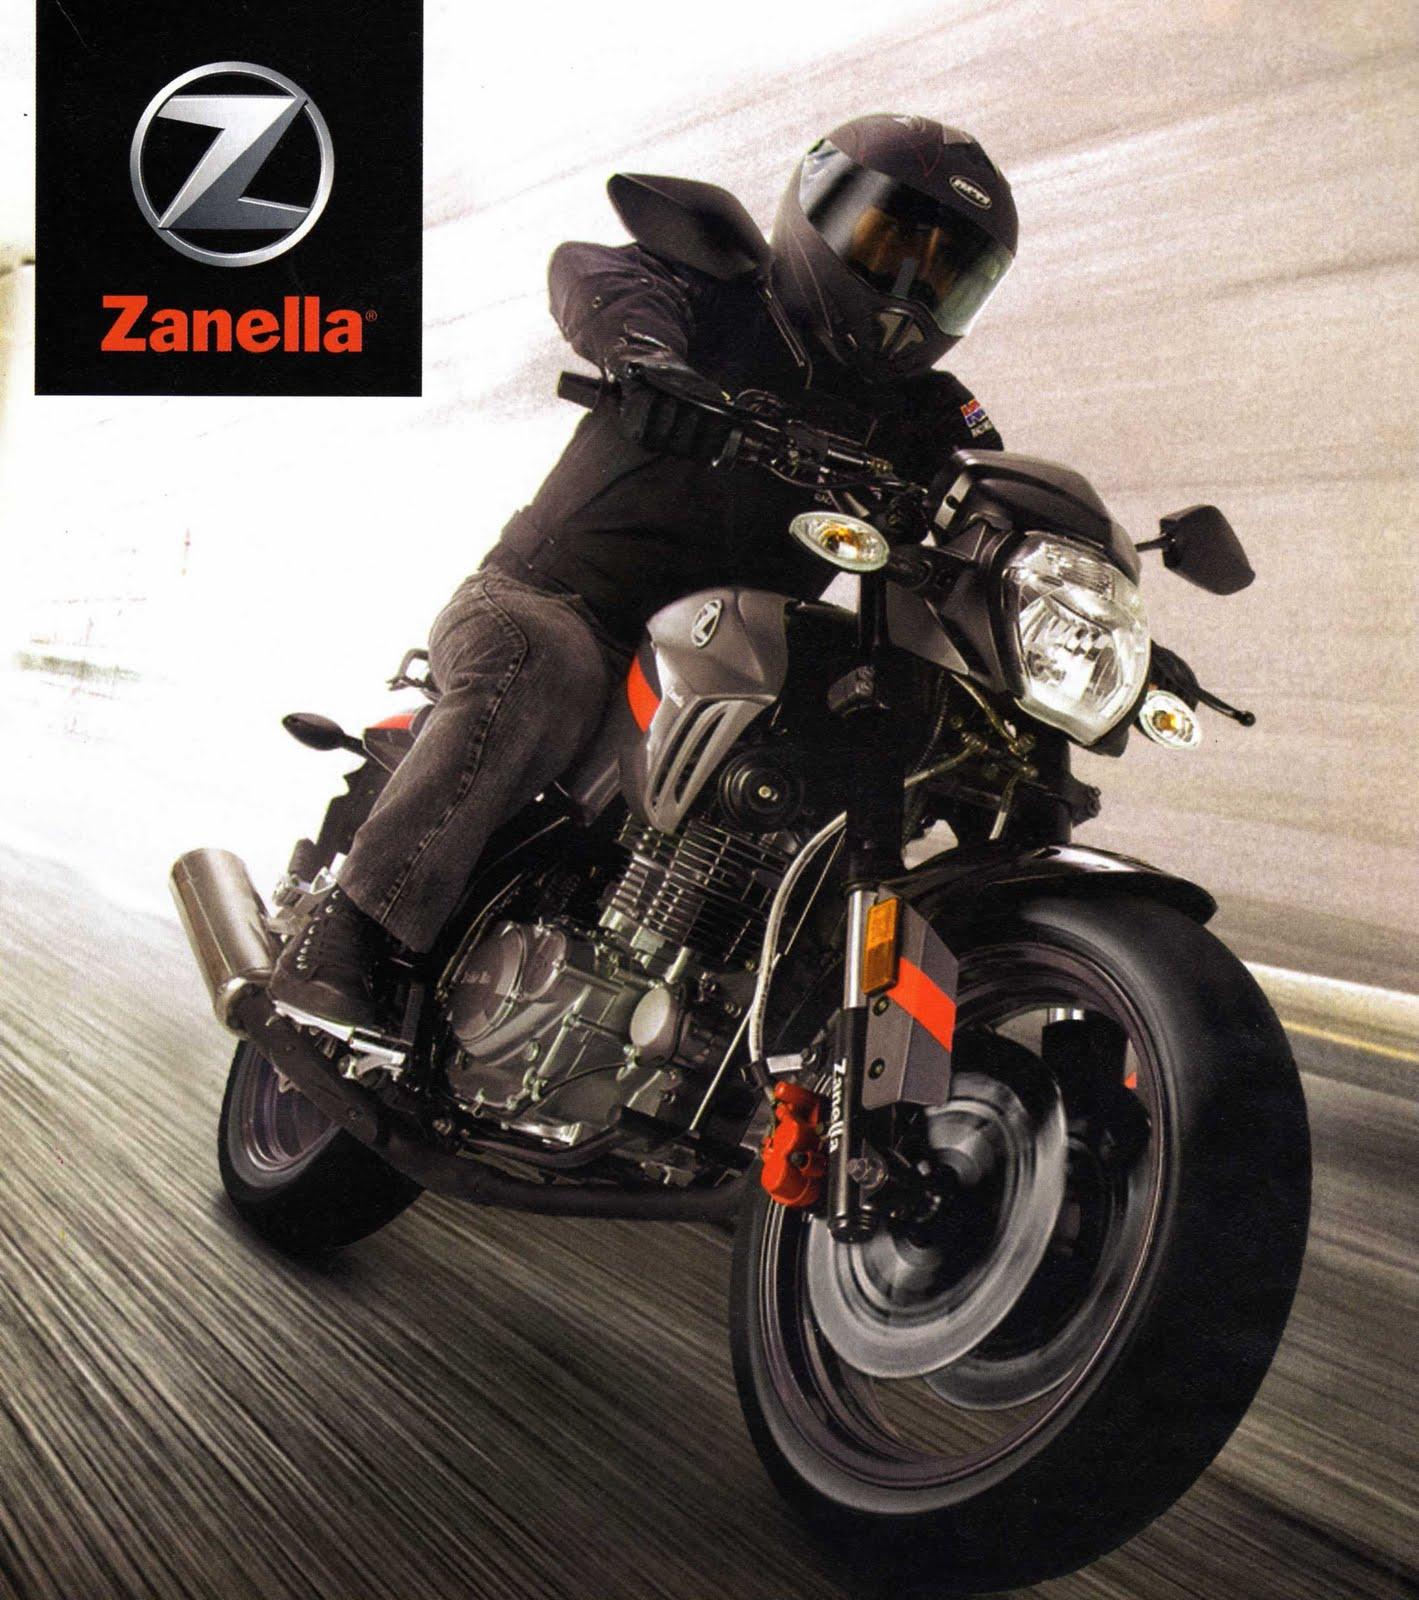 Zanella Rx 250 . Modelo 2012